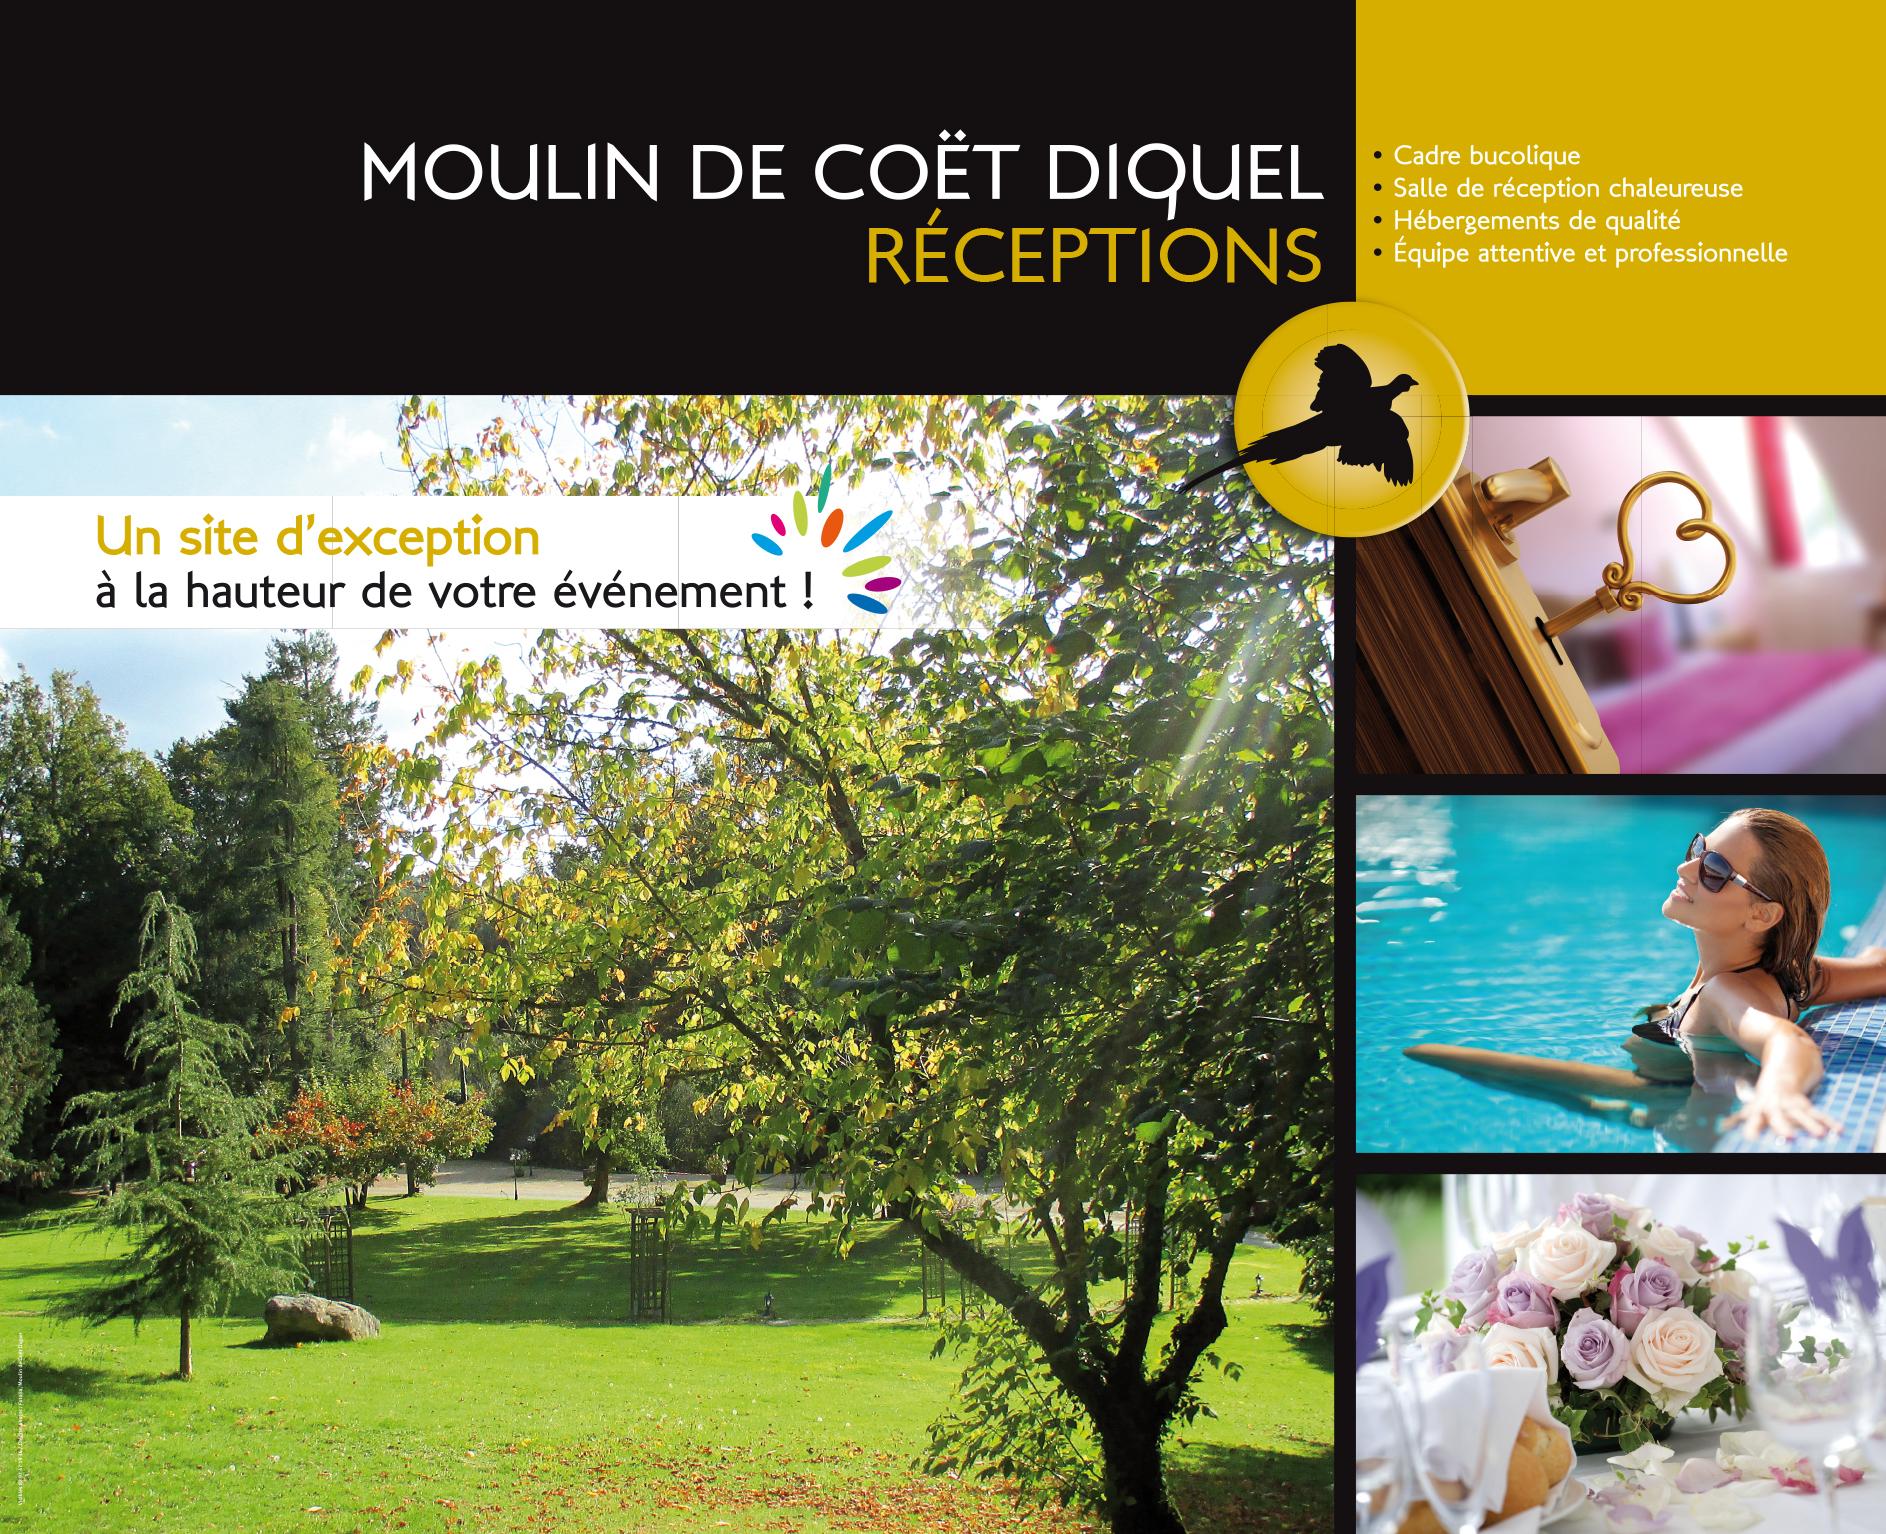 Baches_MoulinCoetdiquel_1